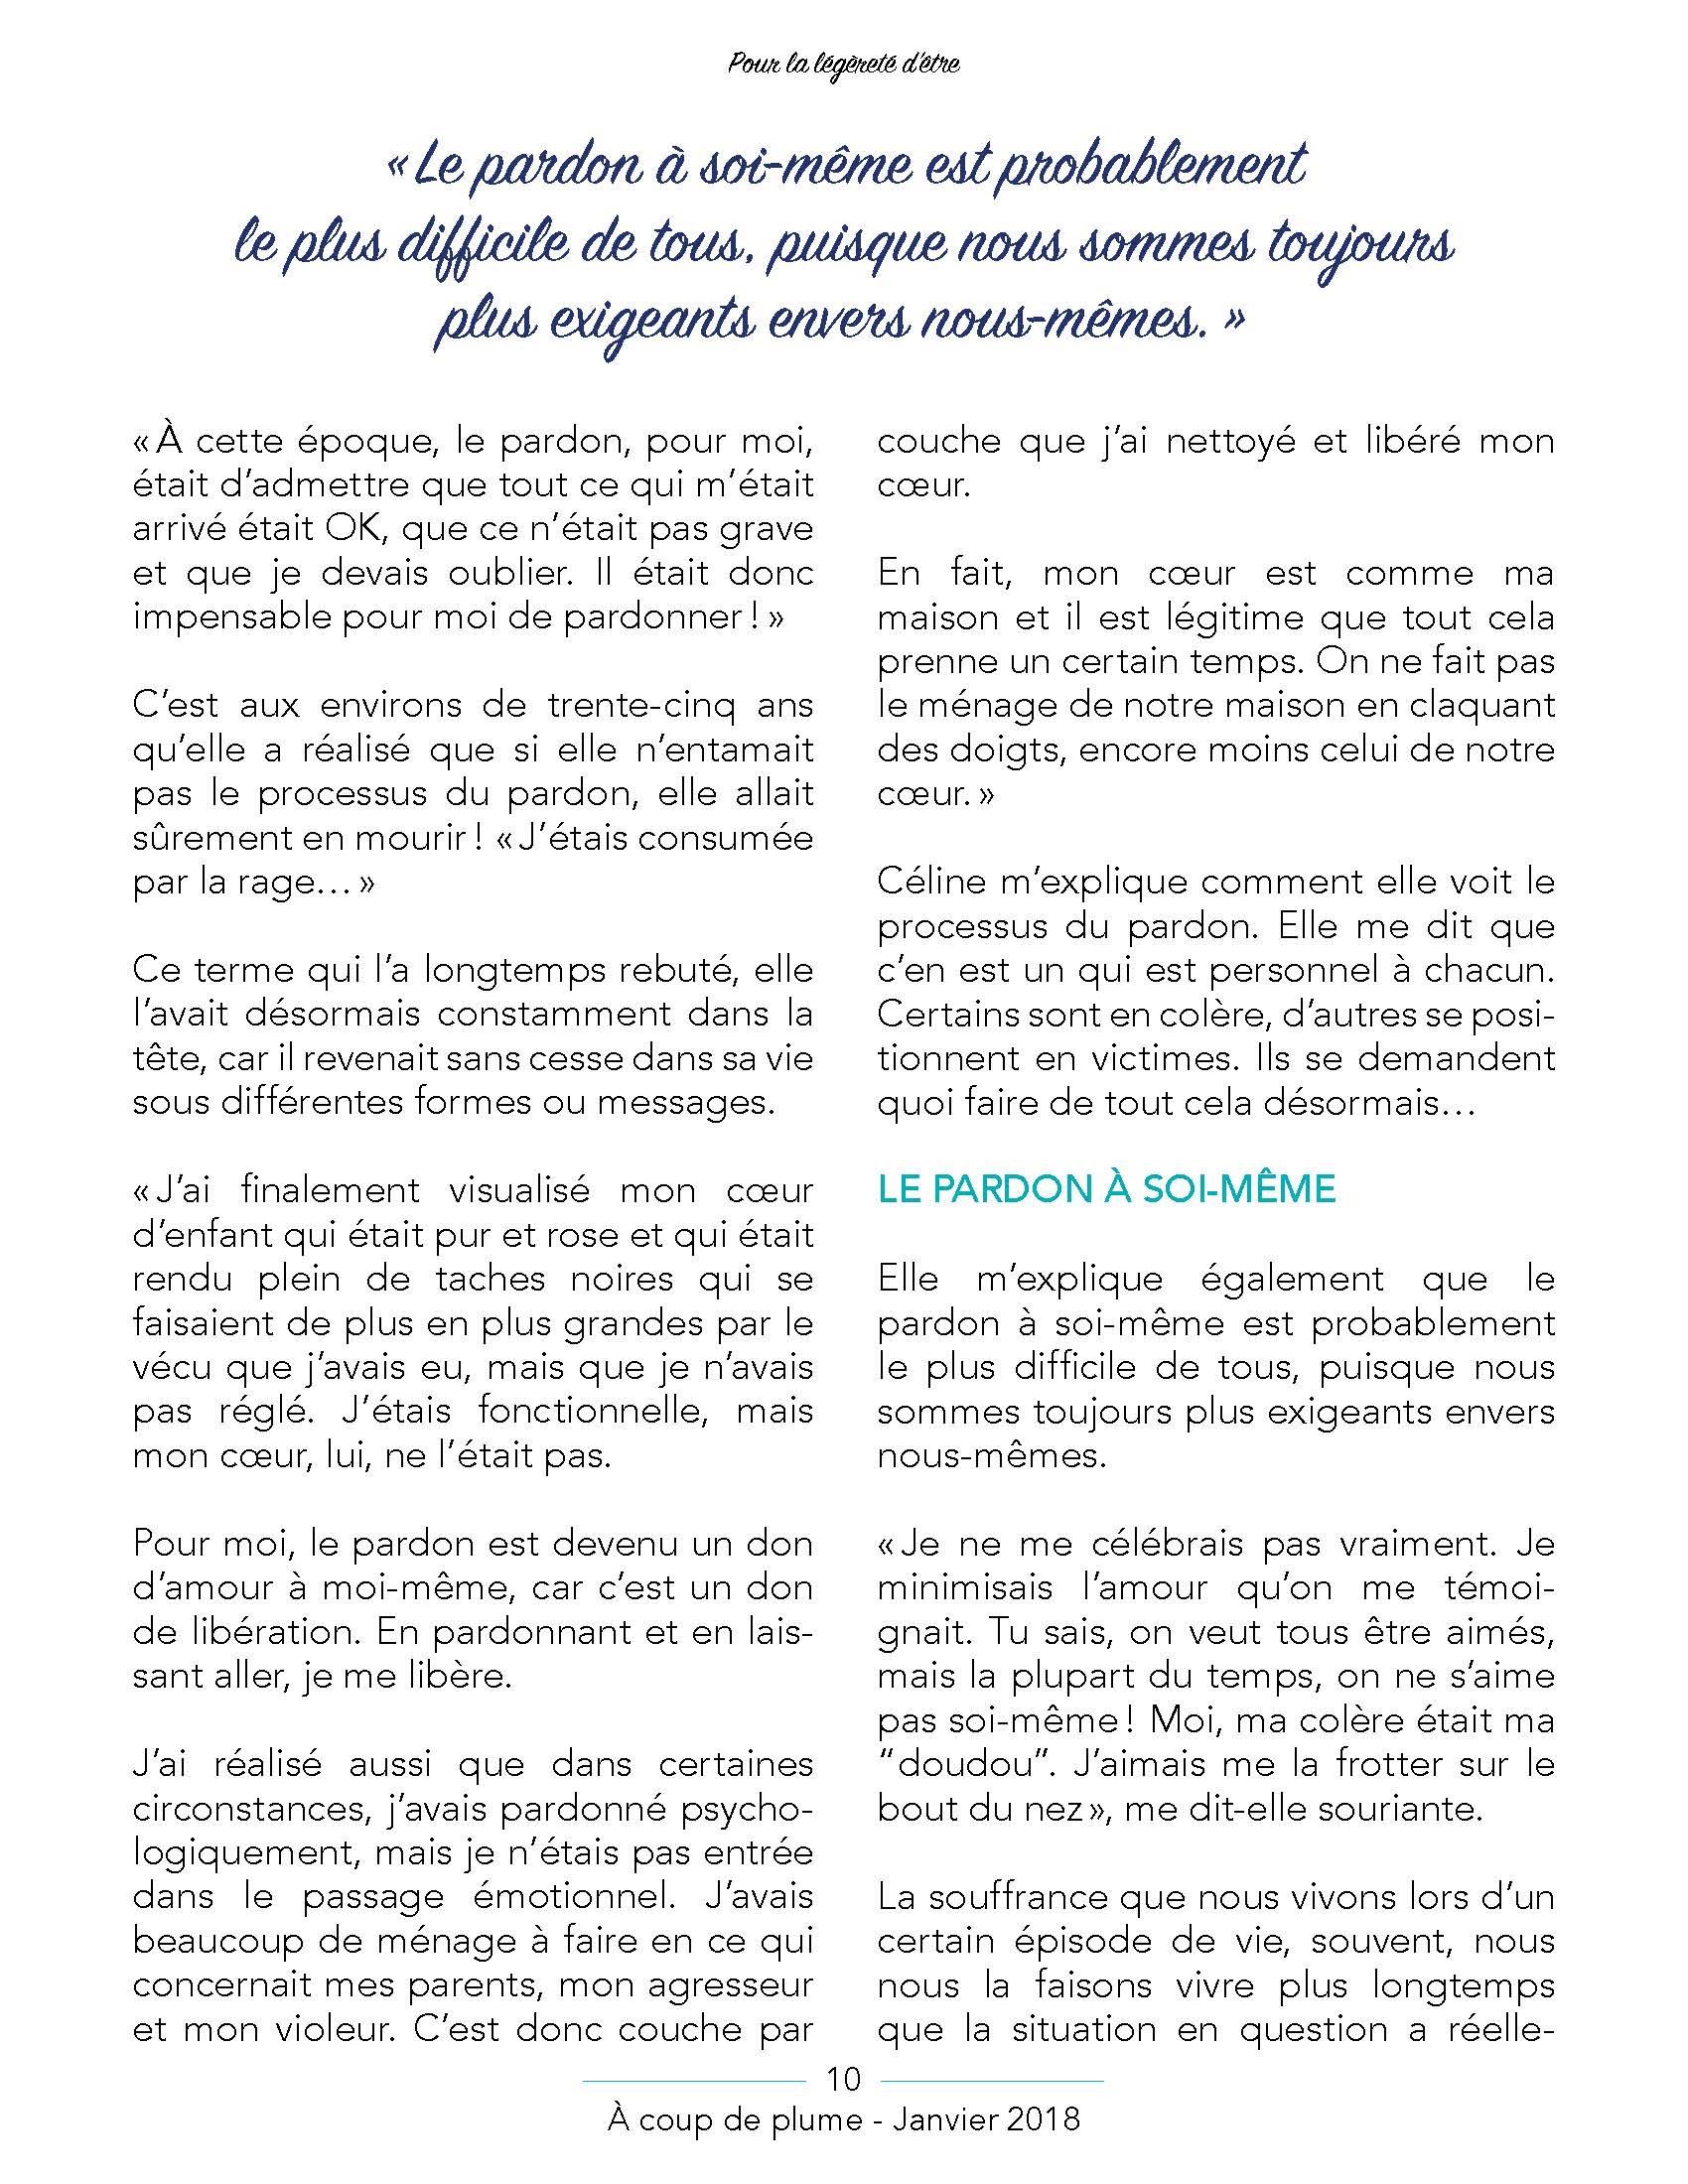 ACP - Janvier 2018 - Page 10